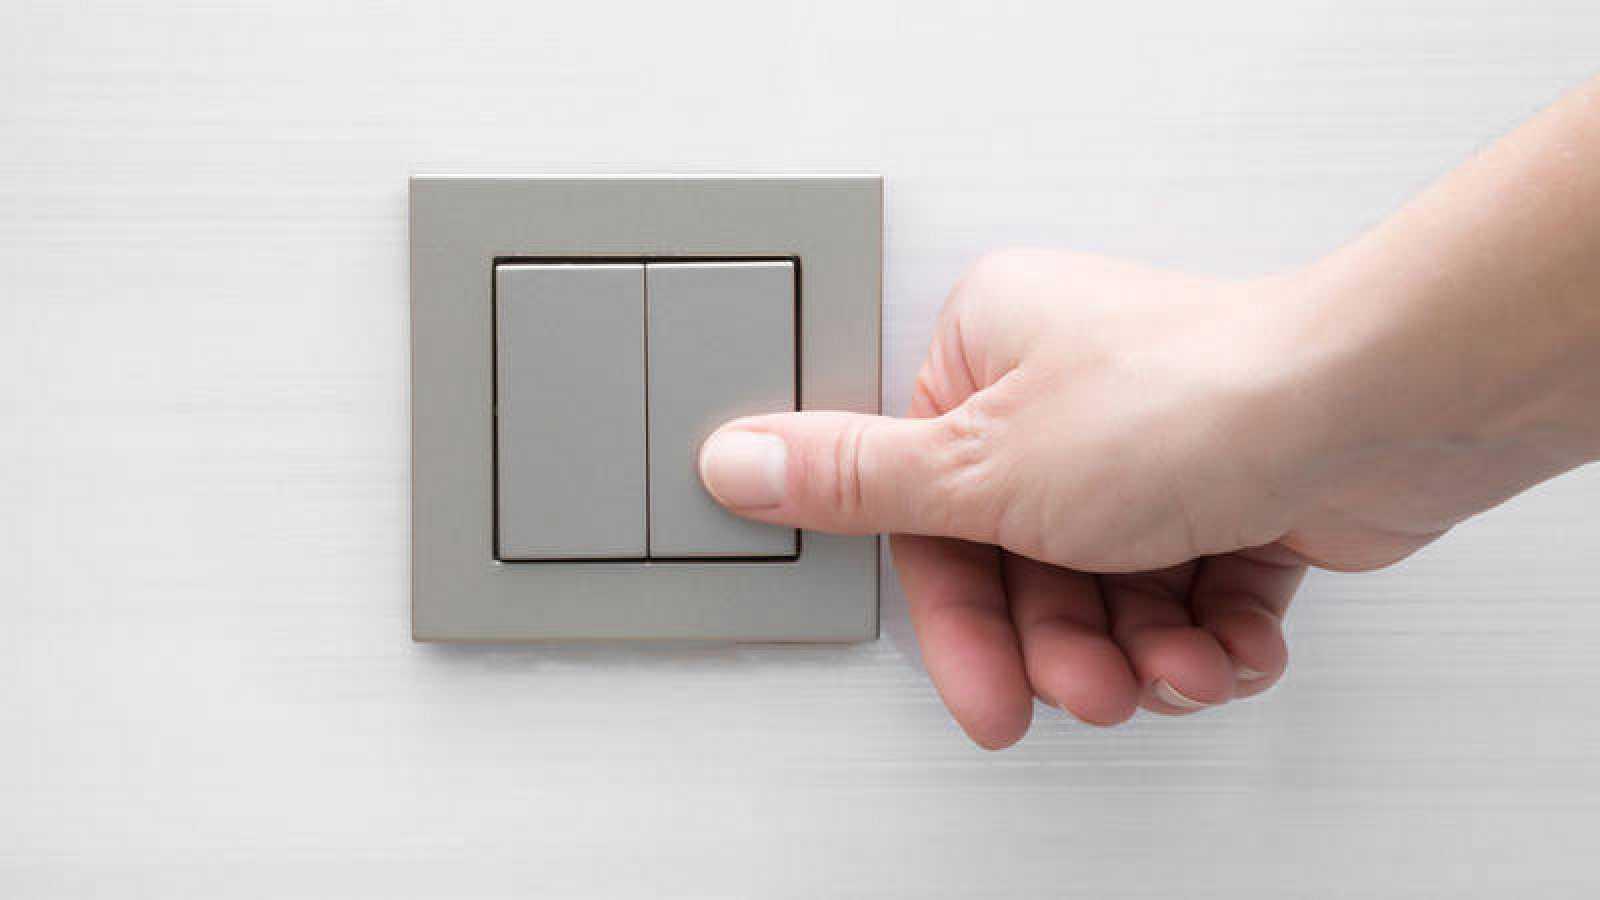 Imagen de archivo de una persona encendiendo un interruptor.